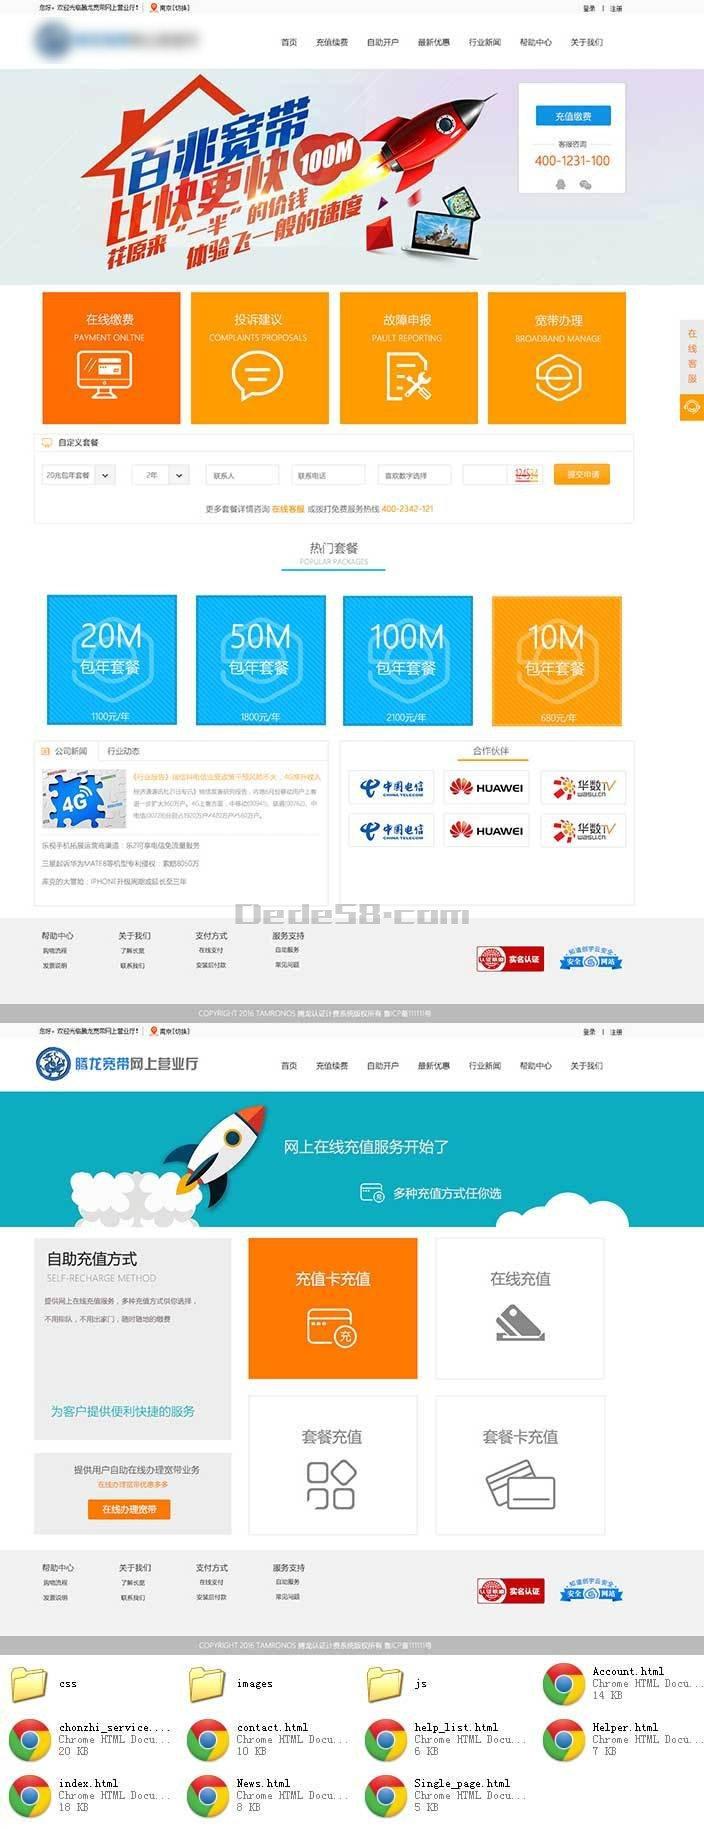 大气的宽带网上营业厅网站模板html下载